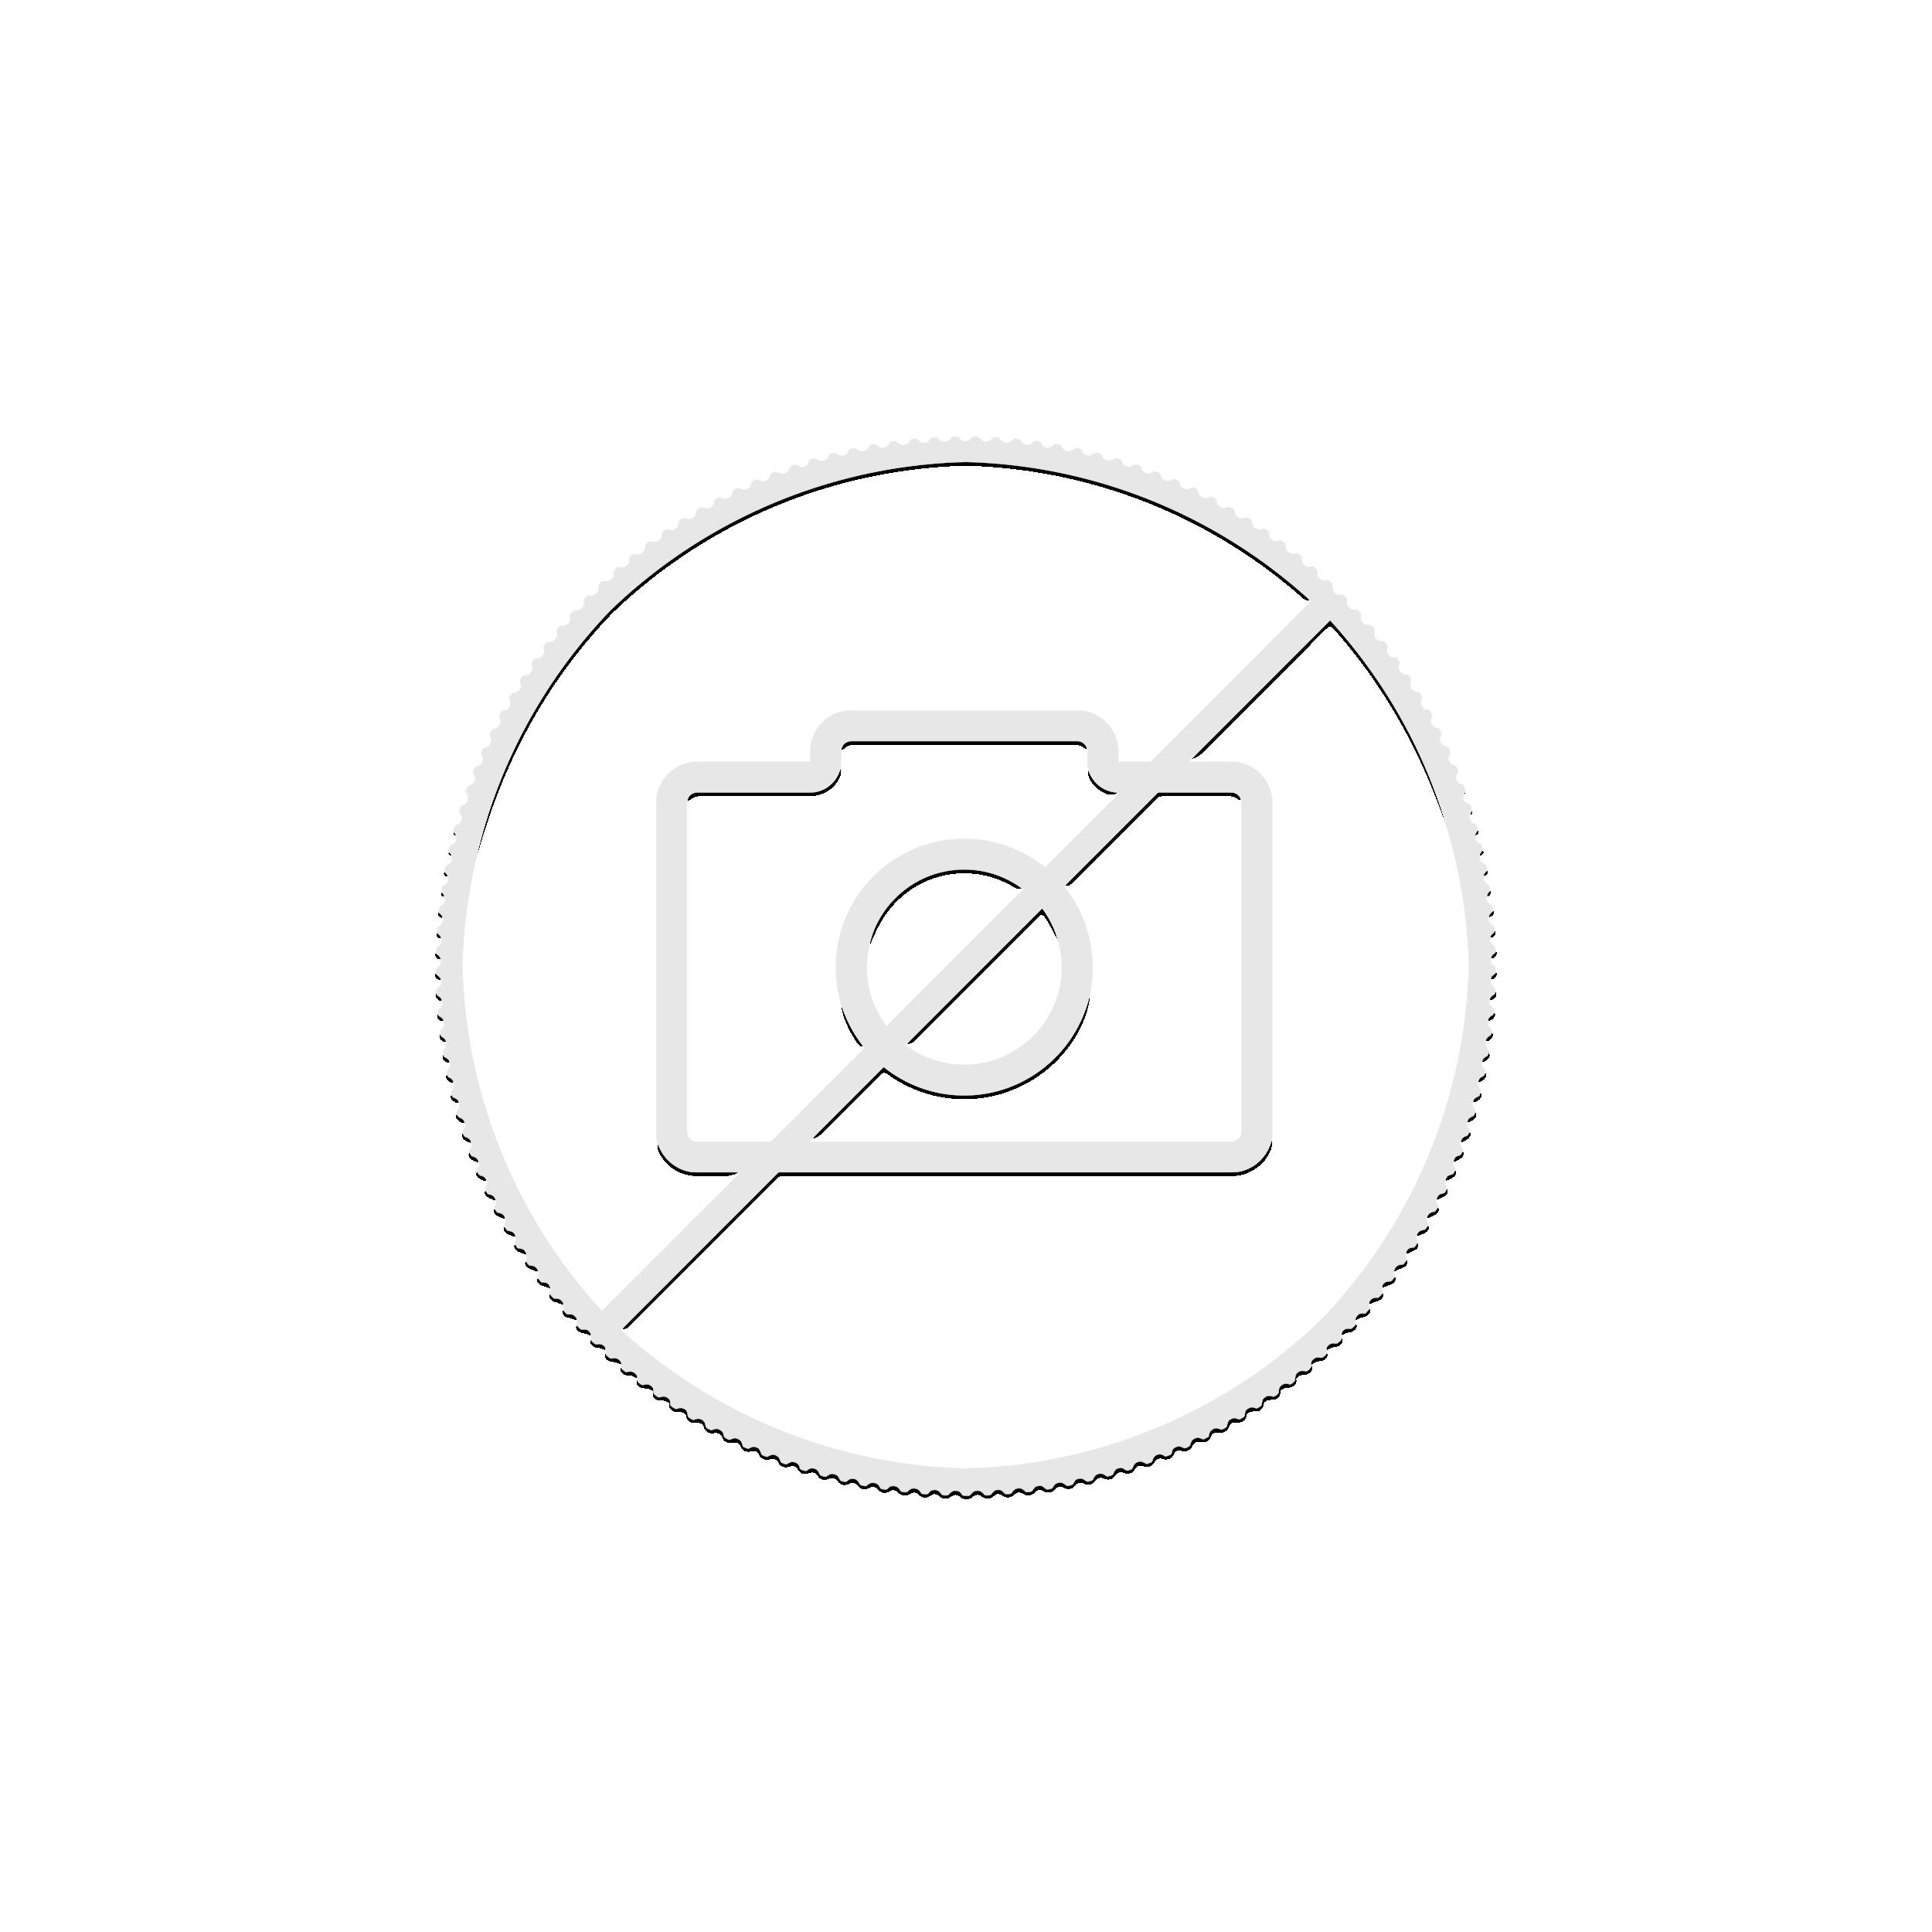 1 troy ounce zilveren munt Kookaburra (Goat Privy) 2015